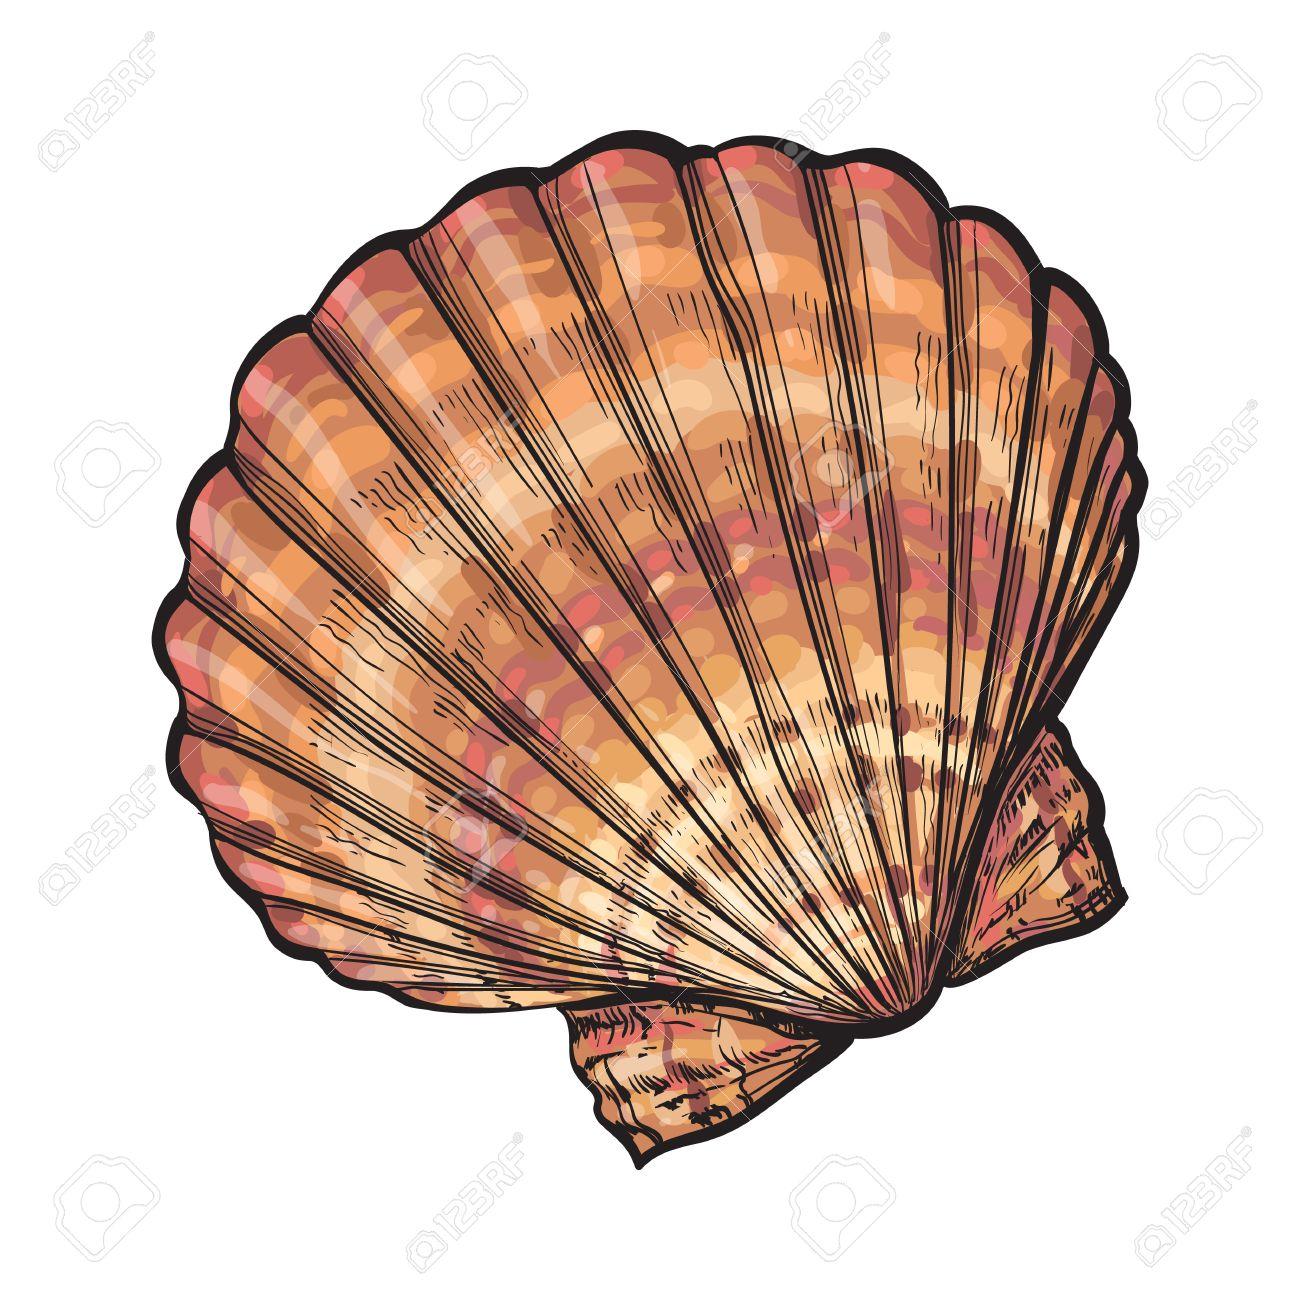 カラフルなホタテ貝殻スケッチ スタイル ベクトル イラスト白背景に